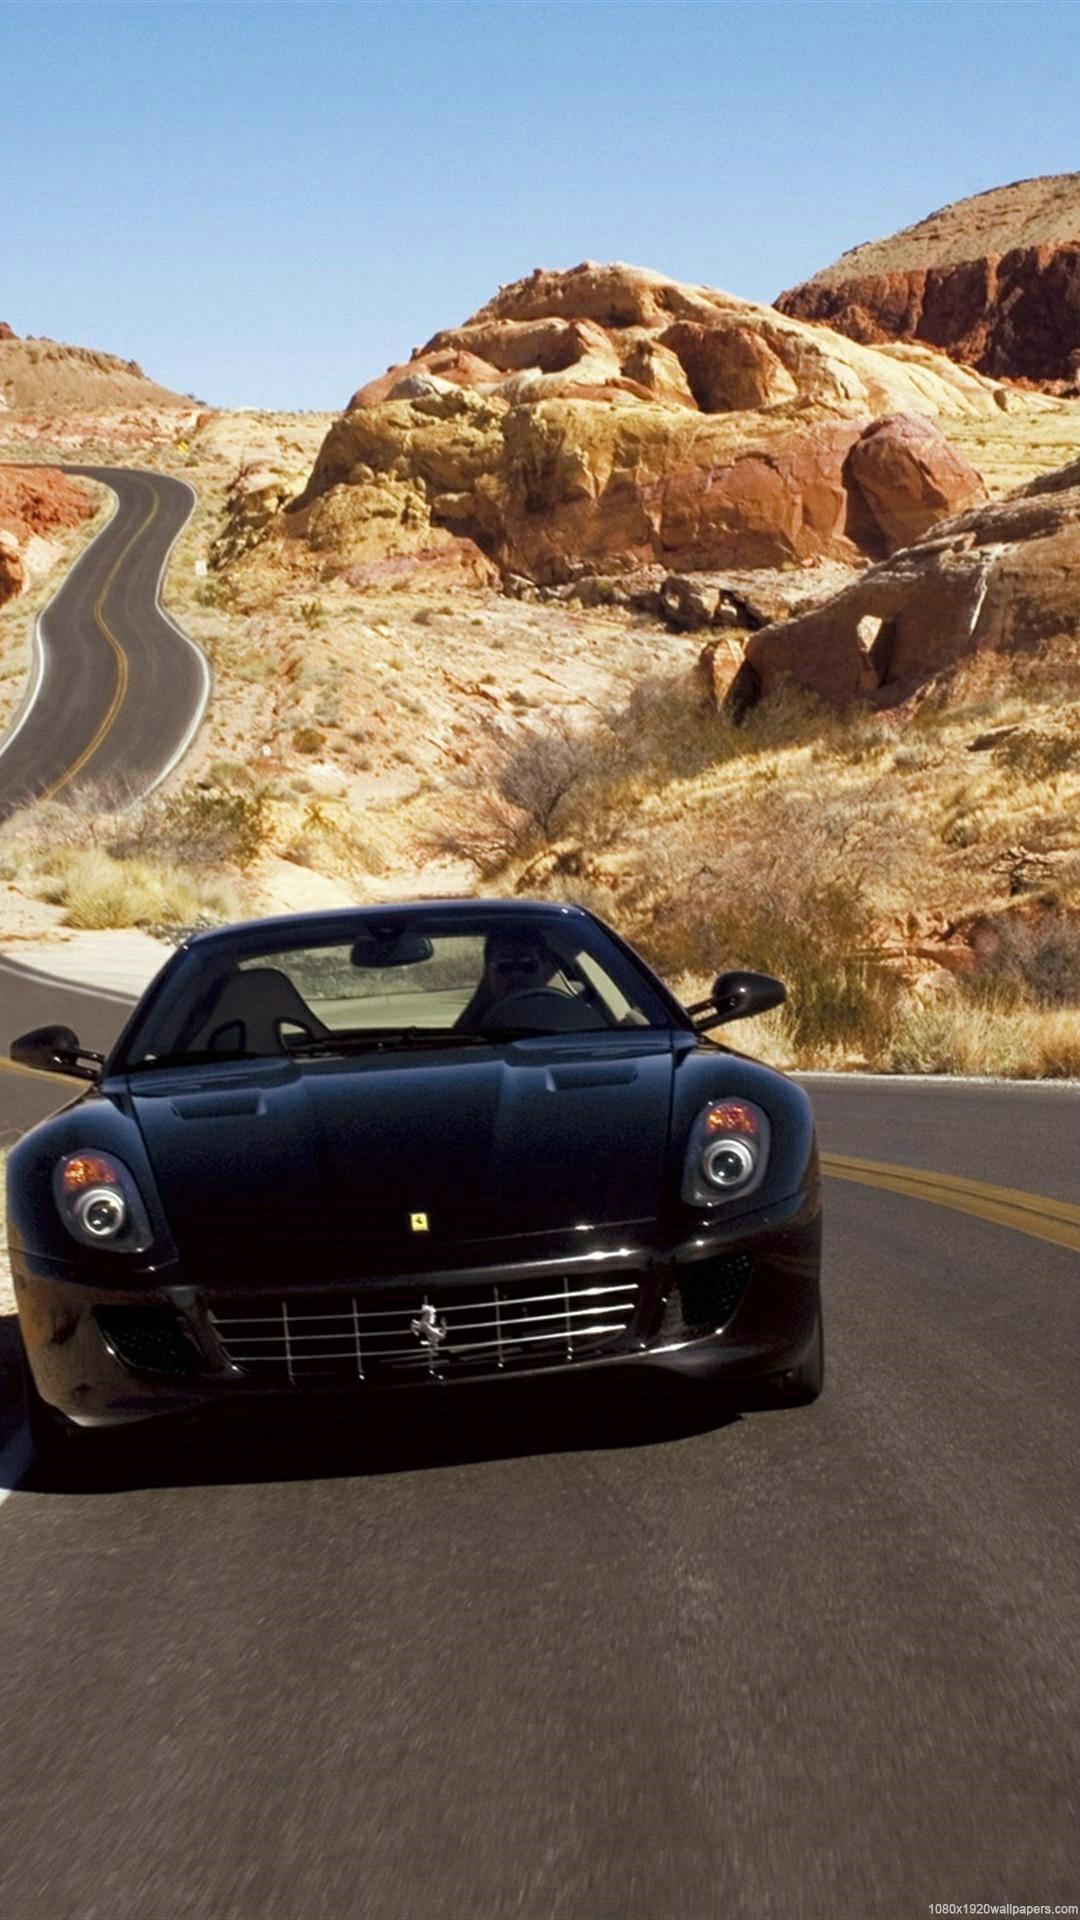 Black Wallpaper Ferrari Car 107530 Hd Wallpaper